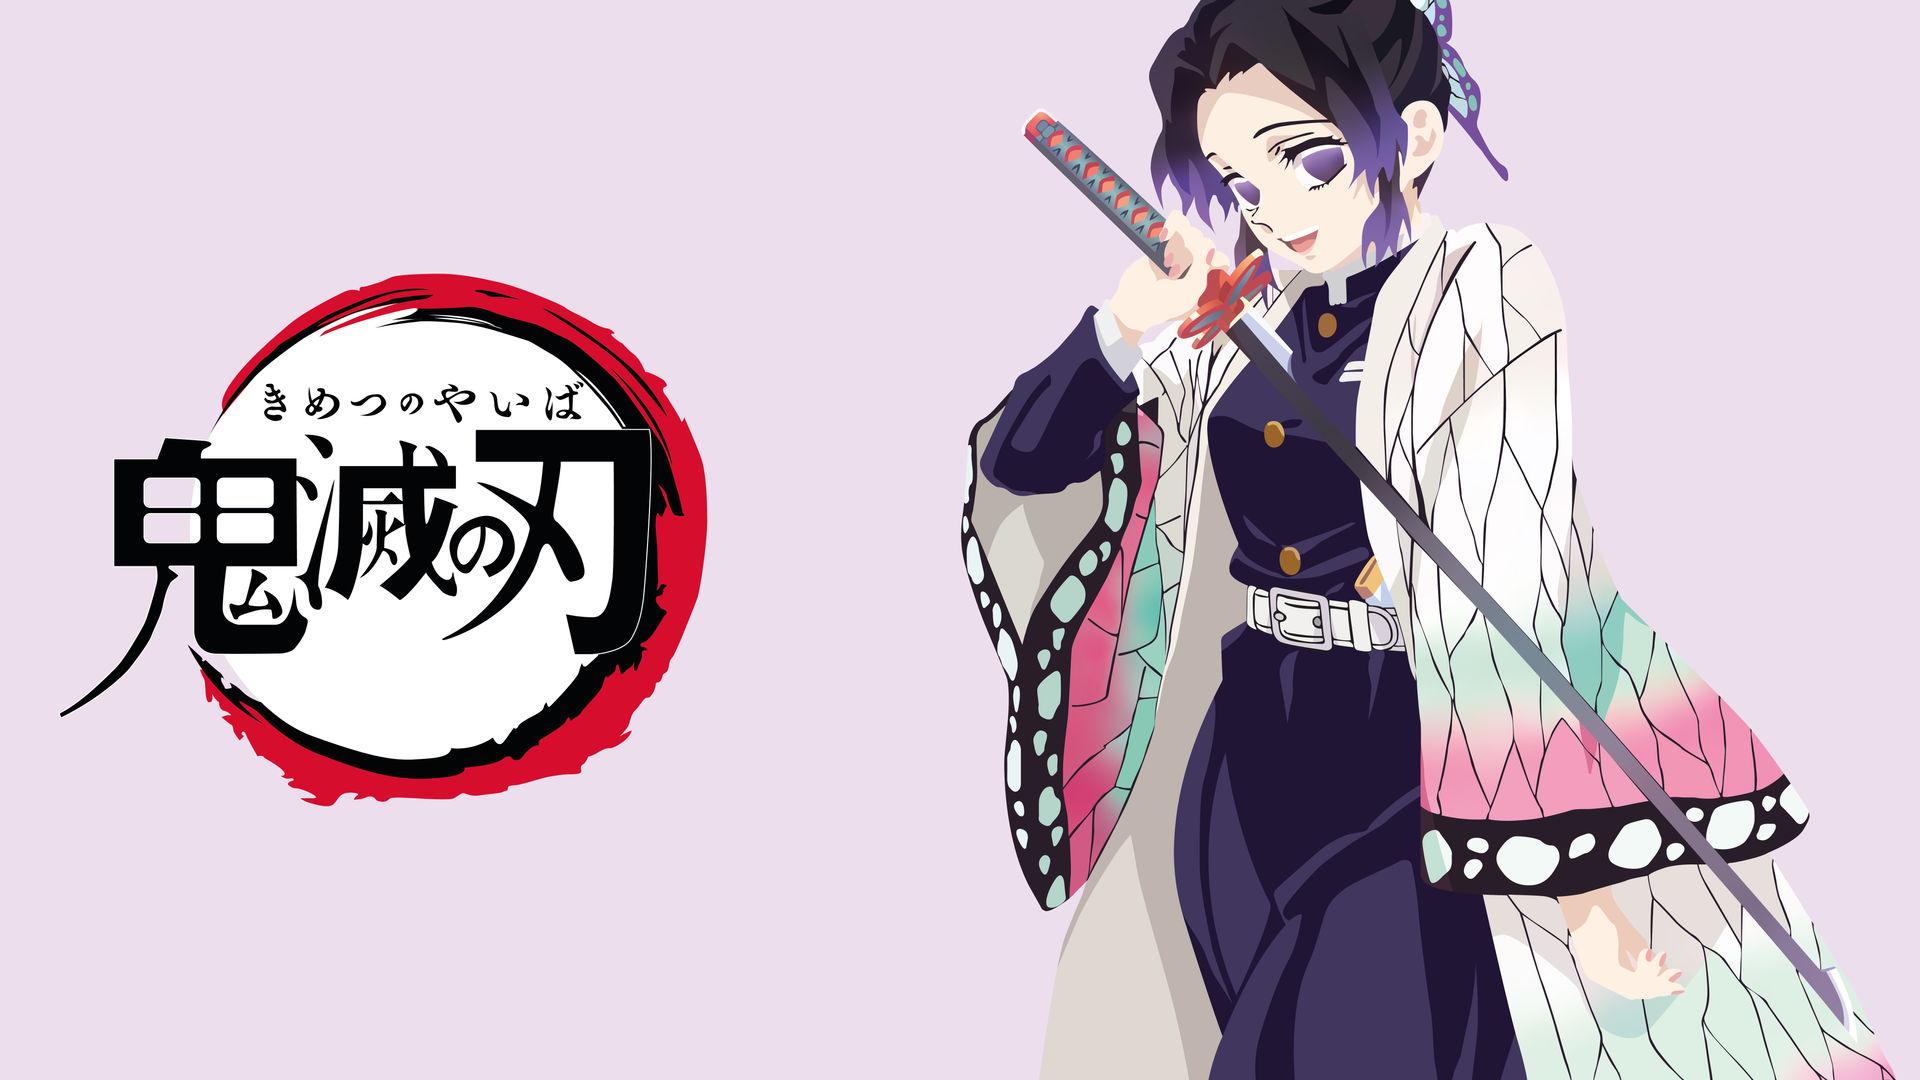 Kimetsu No Yaiba Shinobu Kochou Vectors By Elizflo On Deviantart